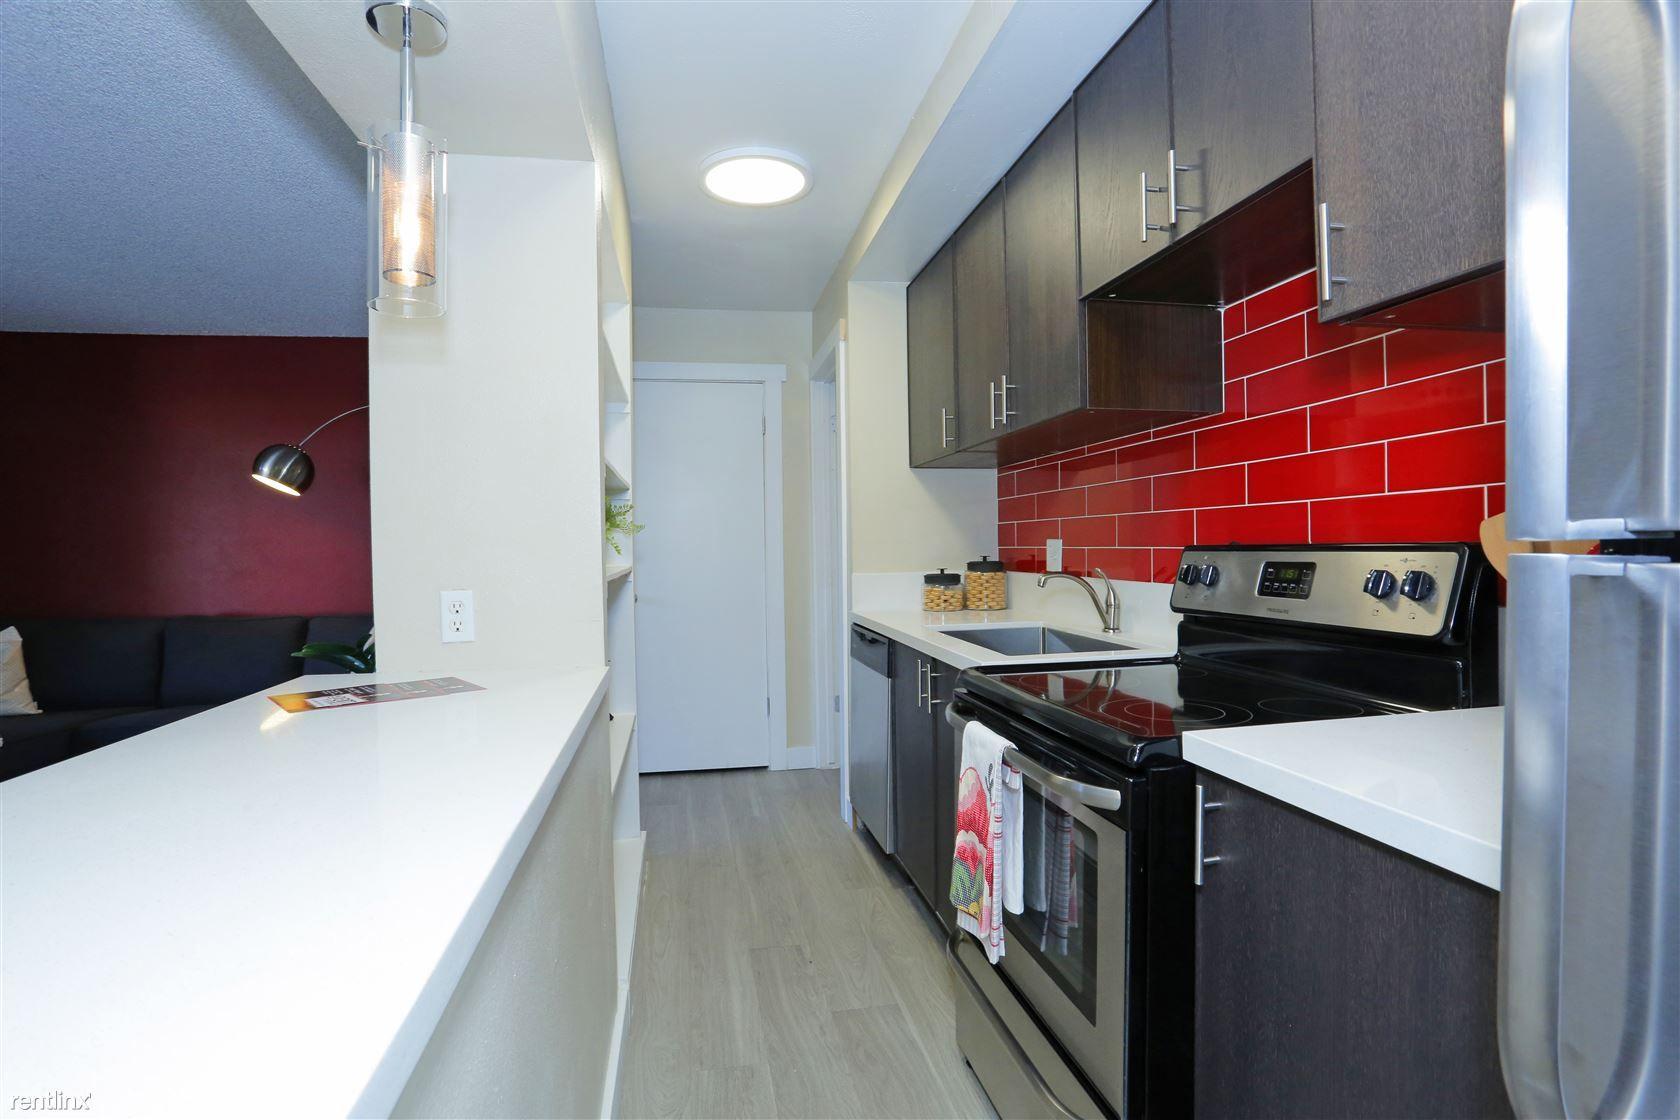 971 E Flamingo Rd Apt 5 for rent